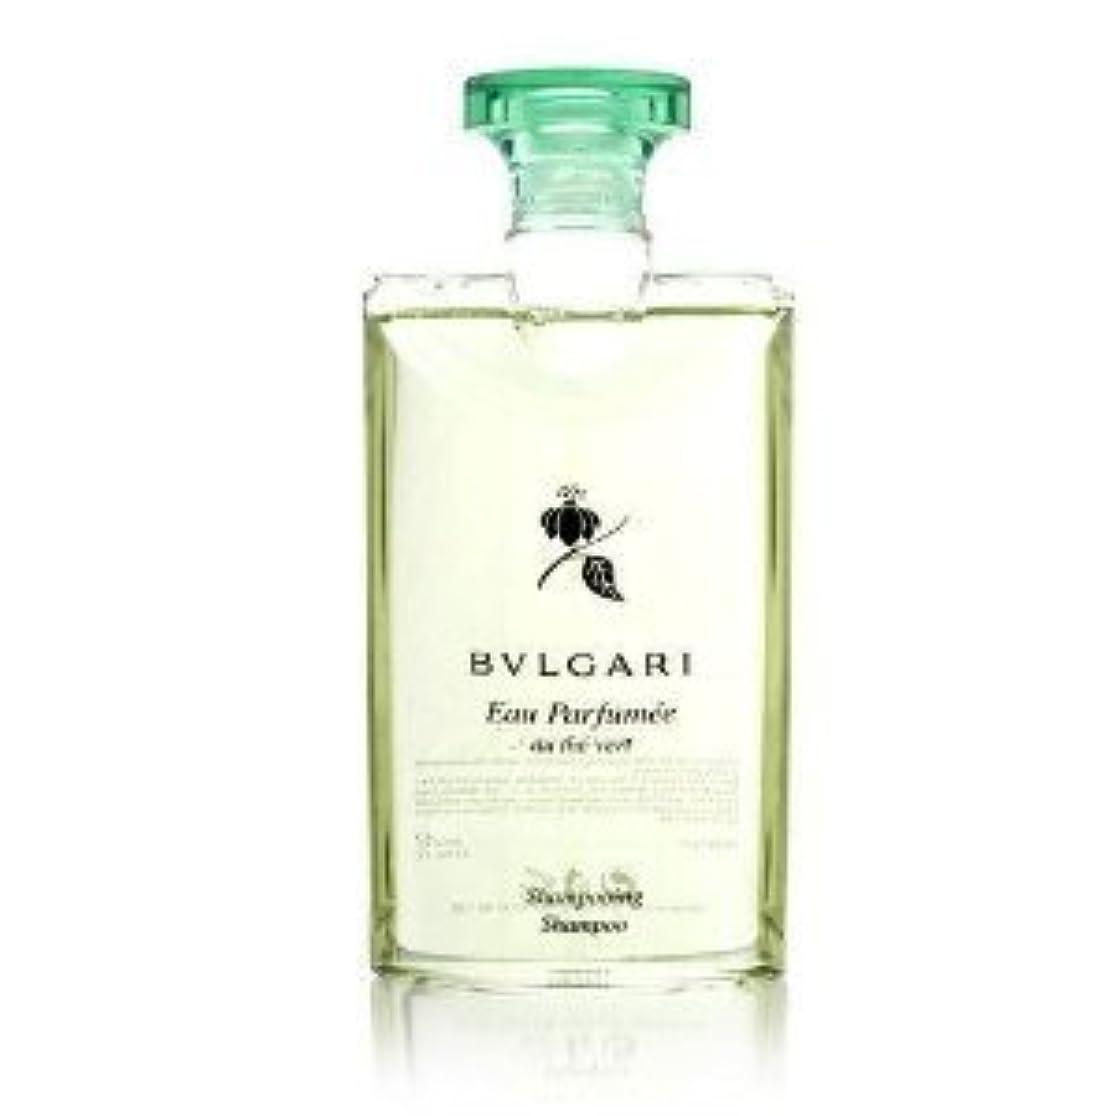 セクタ獣太鼓腹Bvlgari Eau Parfumee au the vert (ブルガリ オー パフュ-メ オウ ザ バート / グリーン ティー) 2.5 oz (75ml) シャンプー